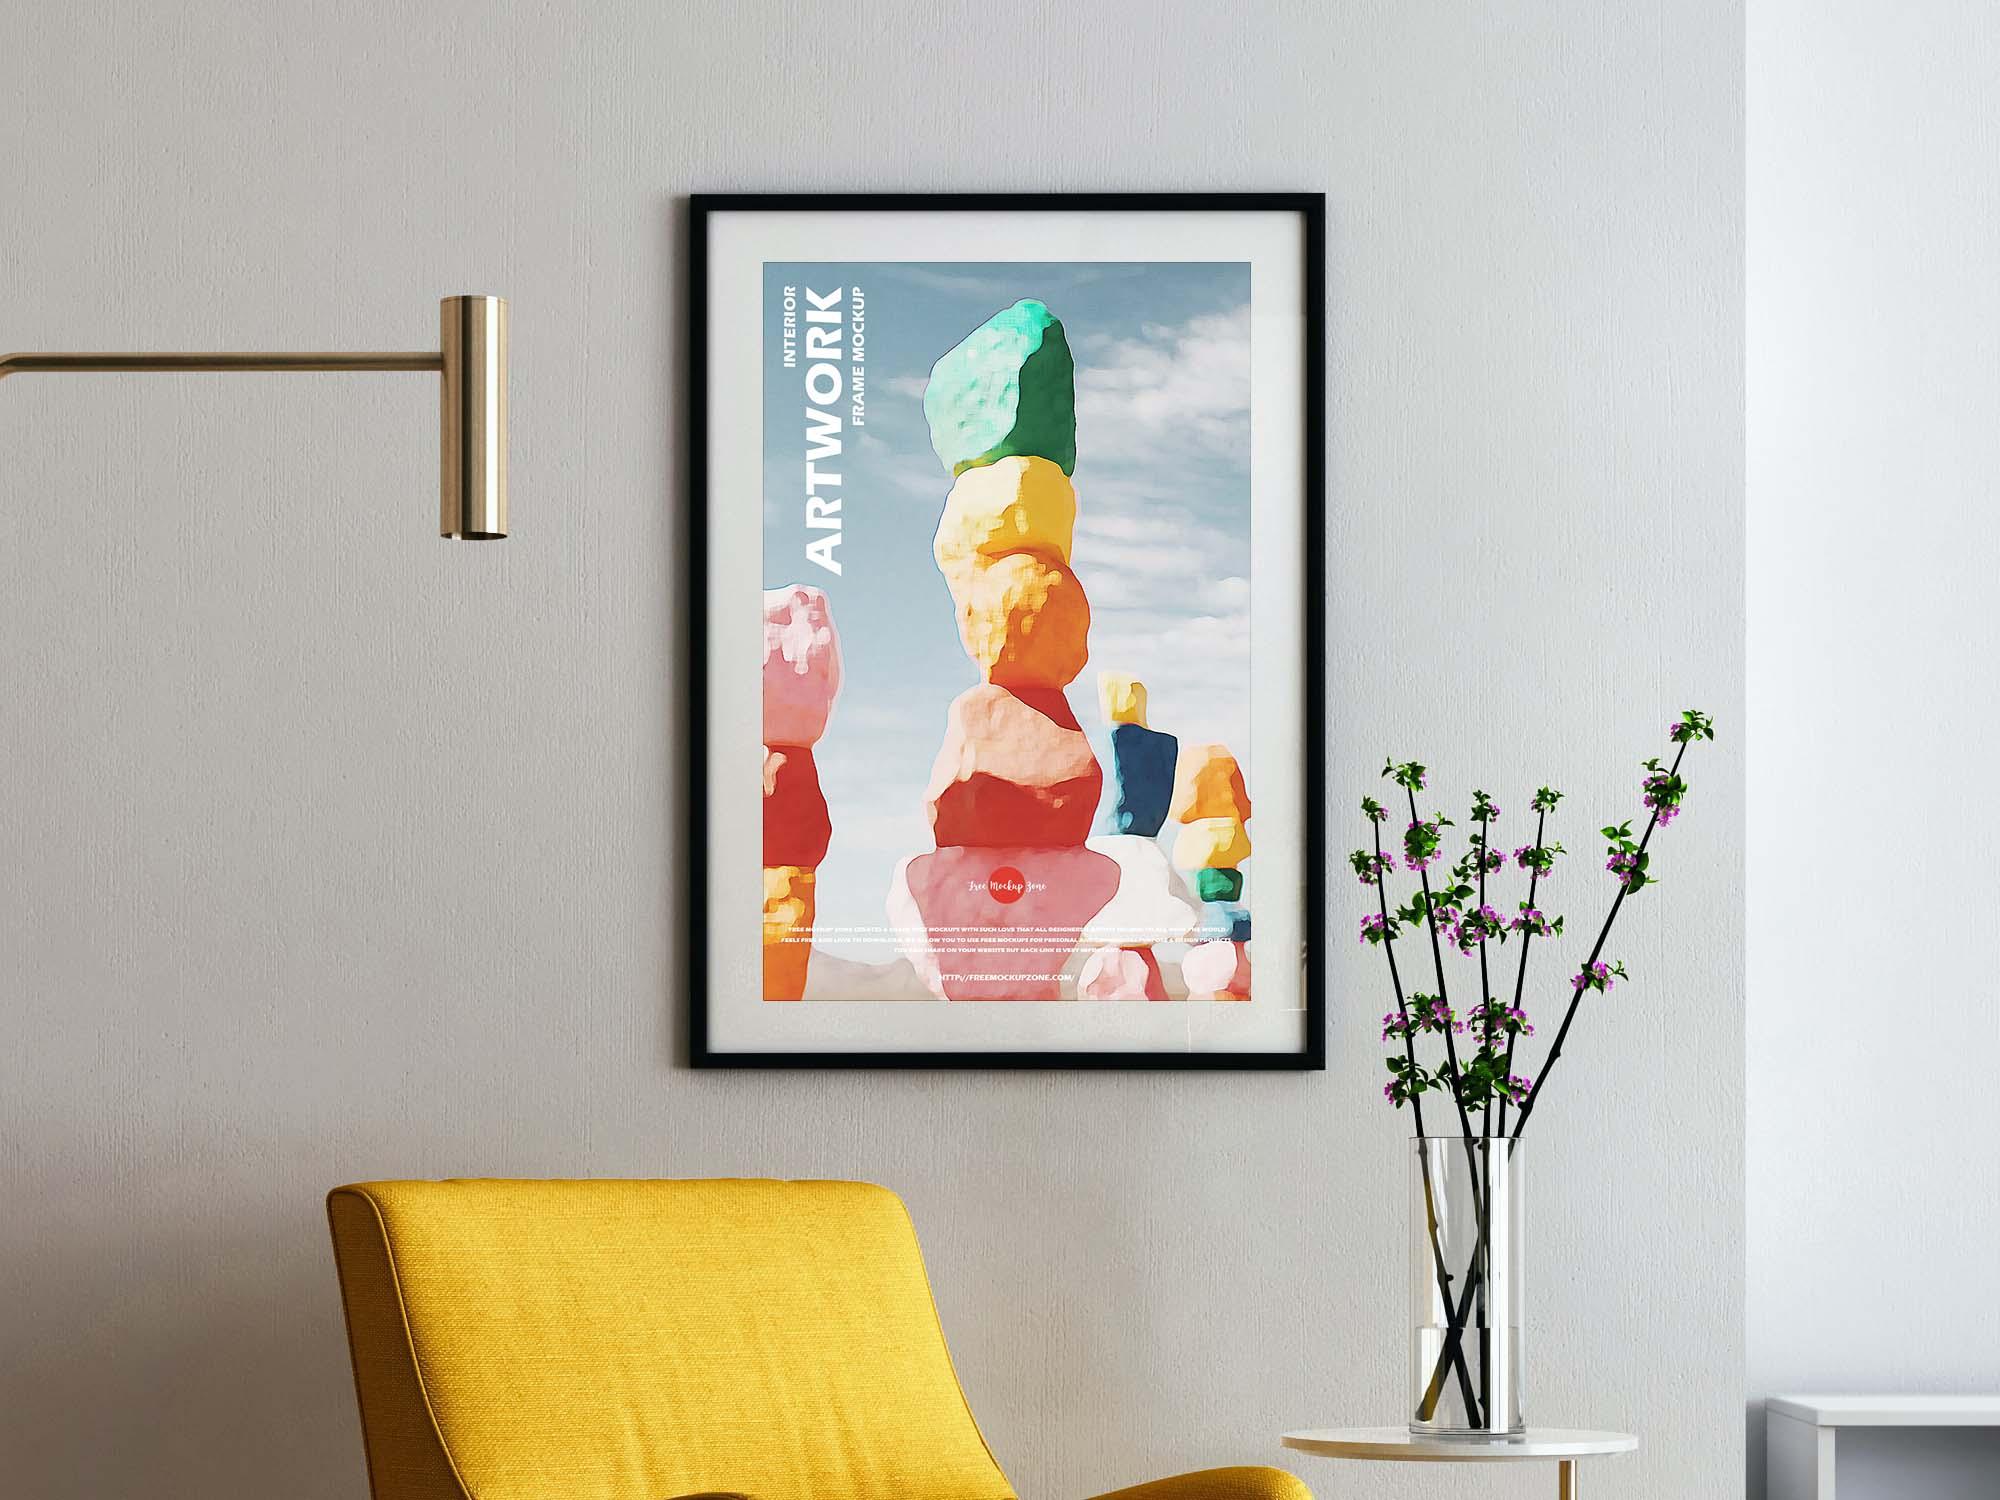 Modern Interior Artwork Frame Mockup 2